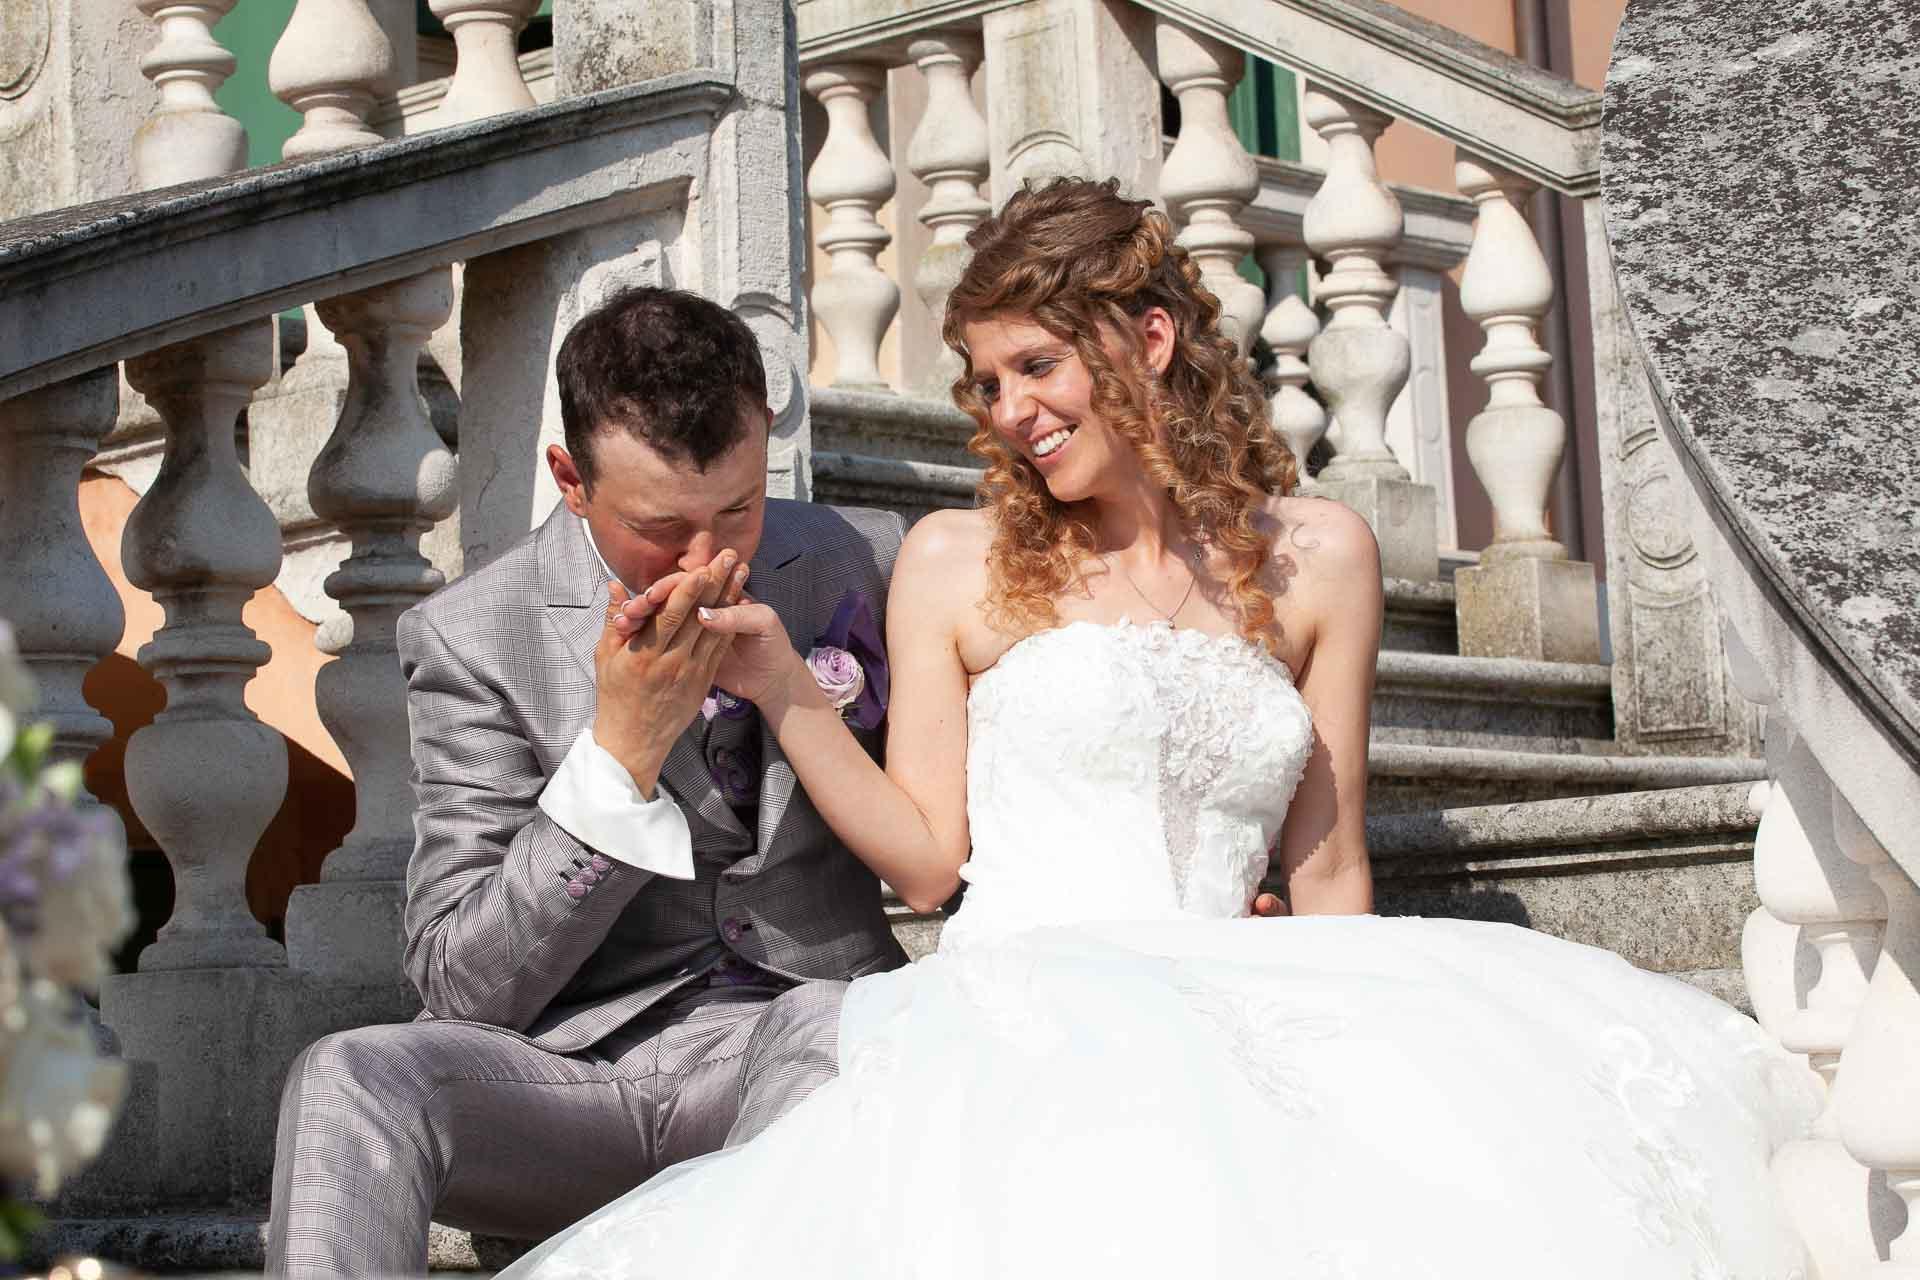 Fotografo di matrimonio. Andrea BOaretto fotostudio uno , Torreglia padova